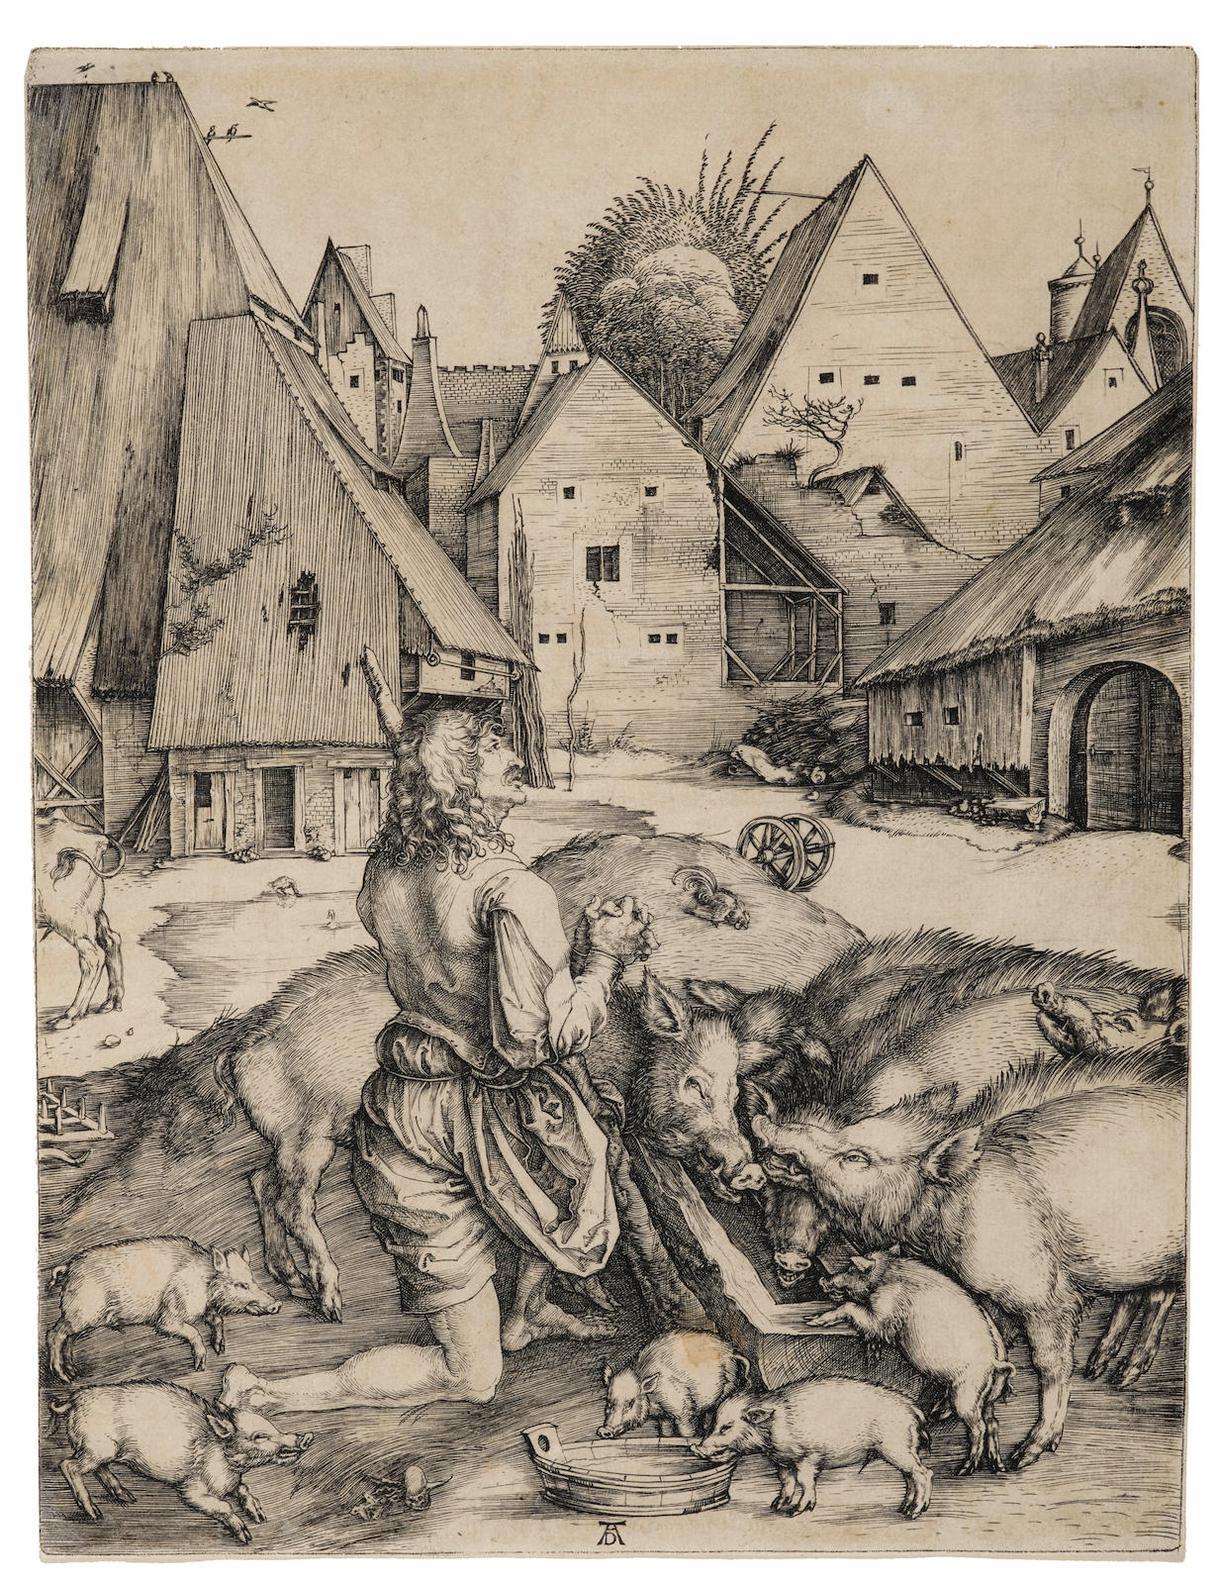 Albrecht Durer-The Prodigal Son (B., M., Holl. 28; S.M.S. 9), 1496-